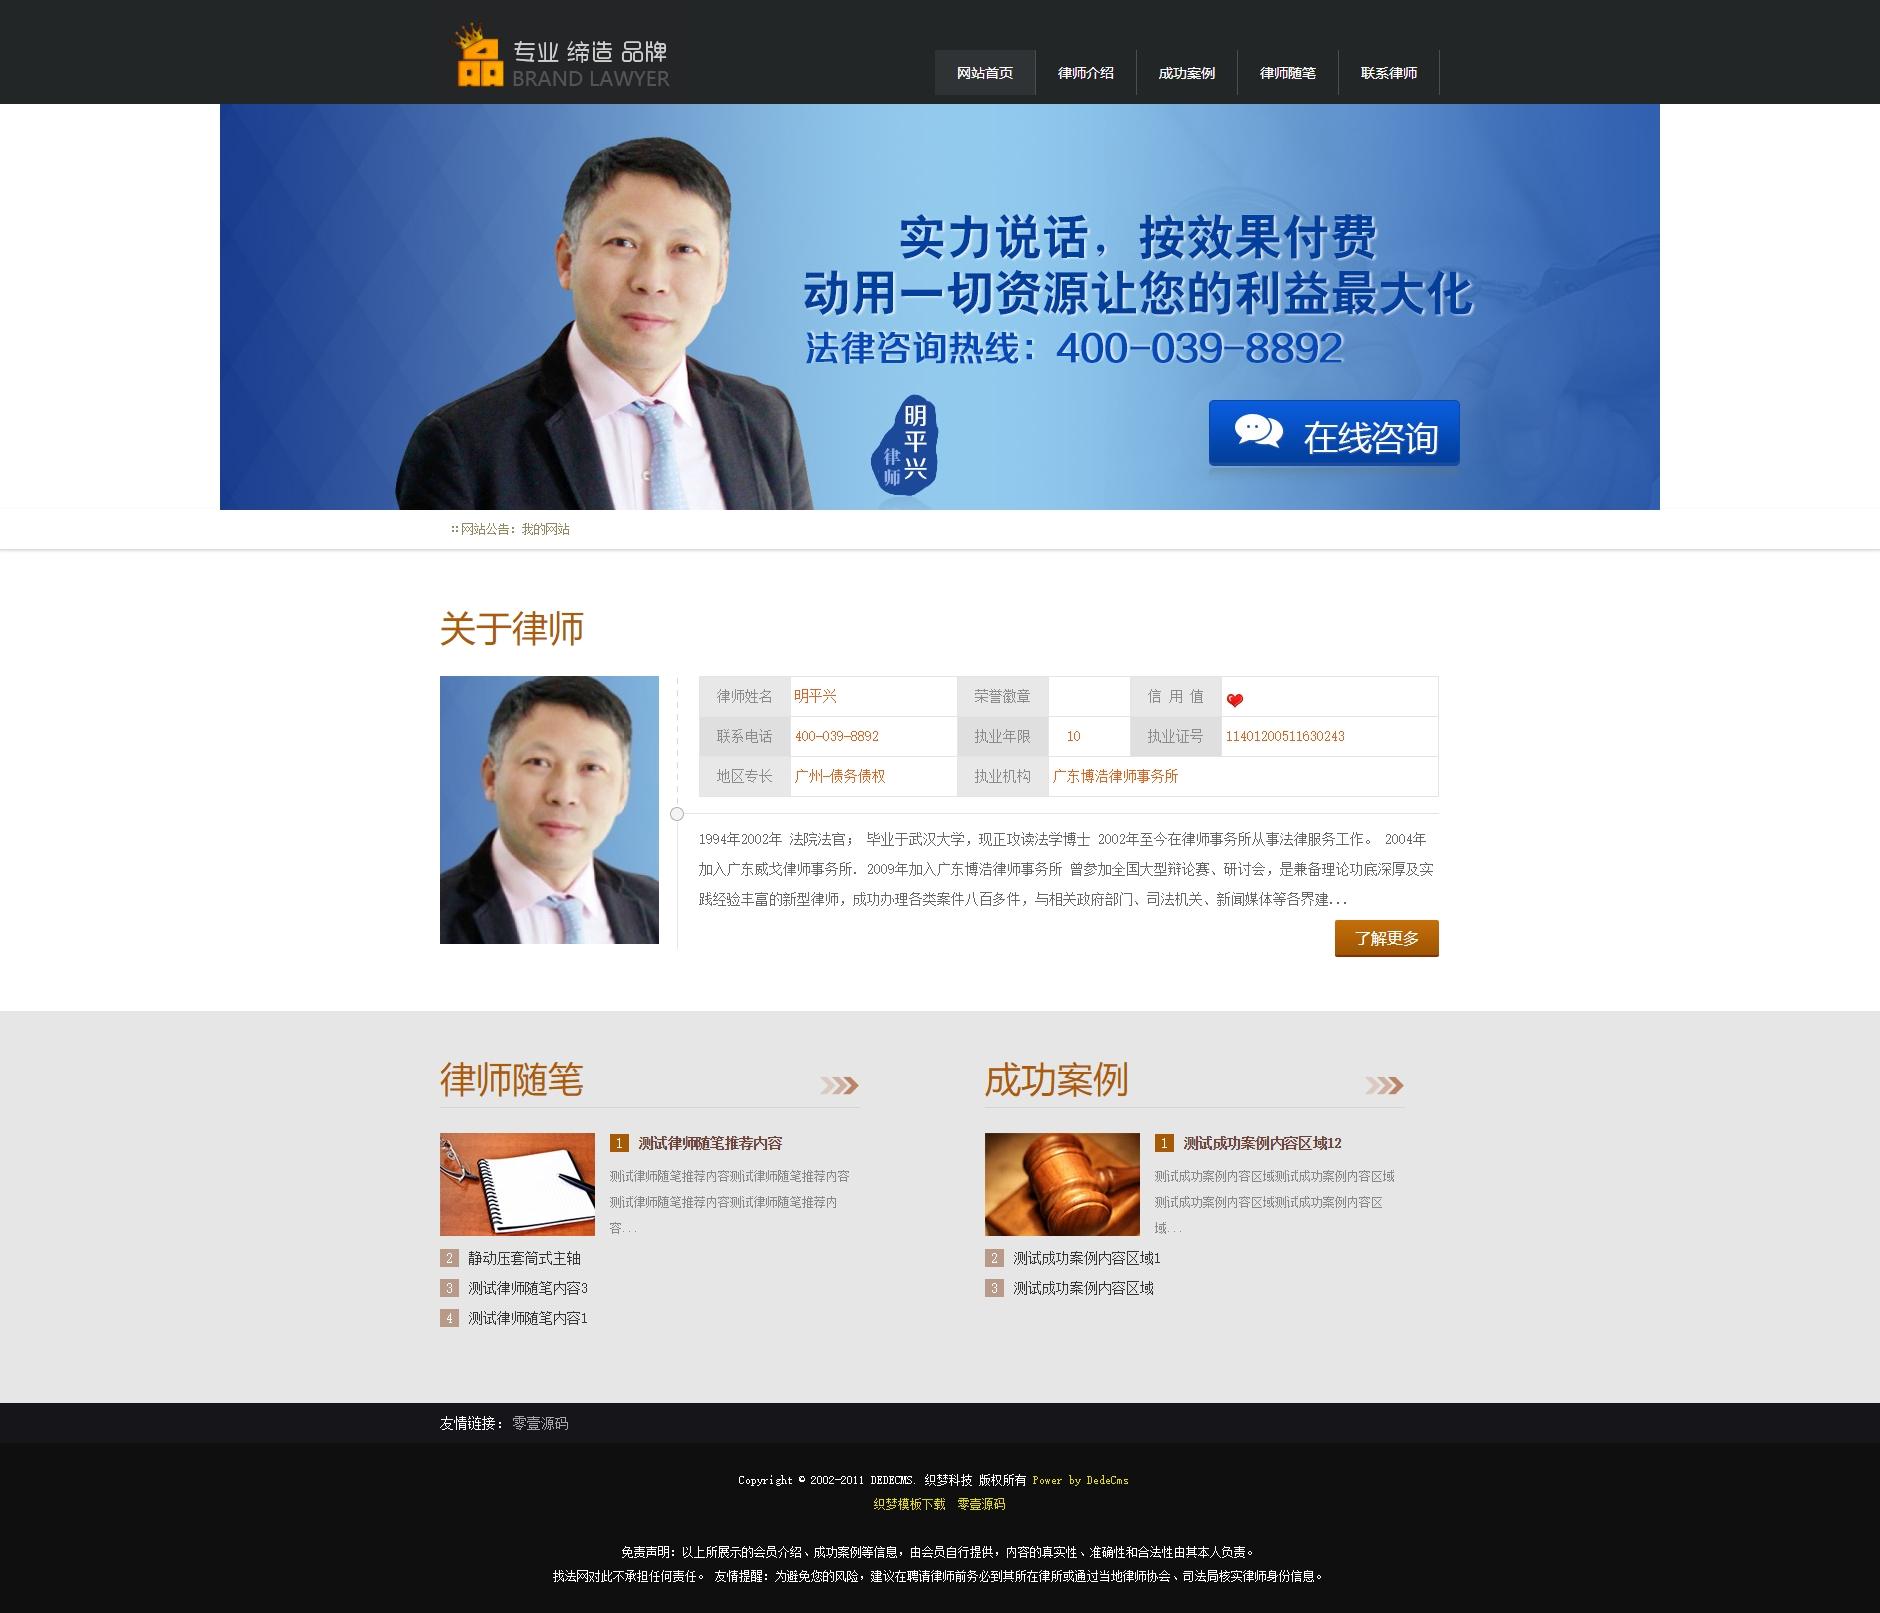 织梦dedecms律师个人网站整站模板